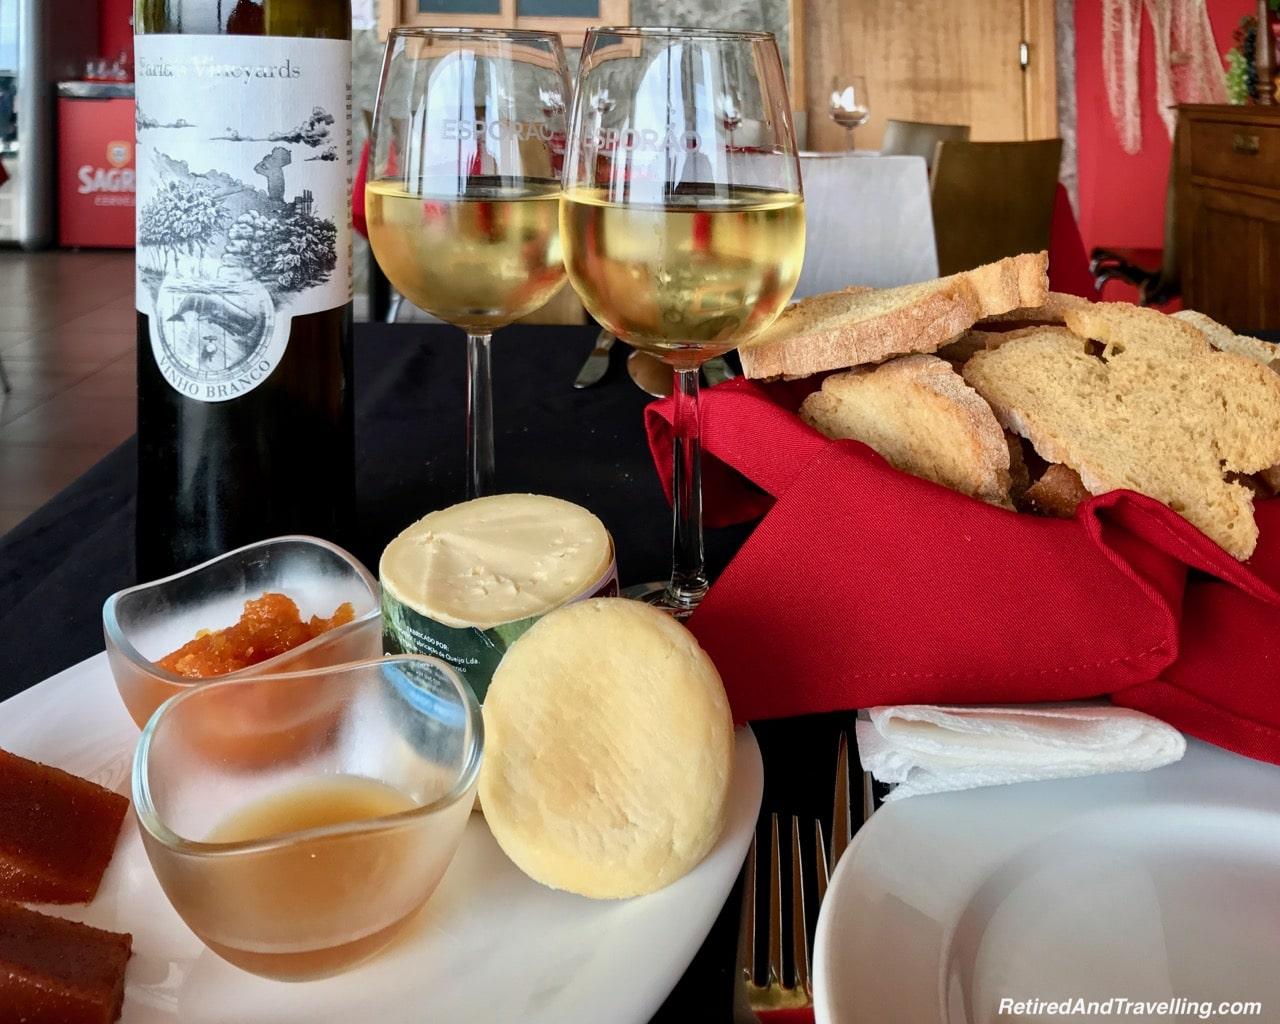 Pasquinha Lunch - Full Day Tour of Faial Island.jpg